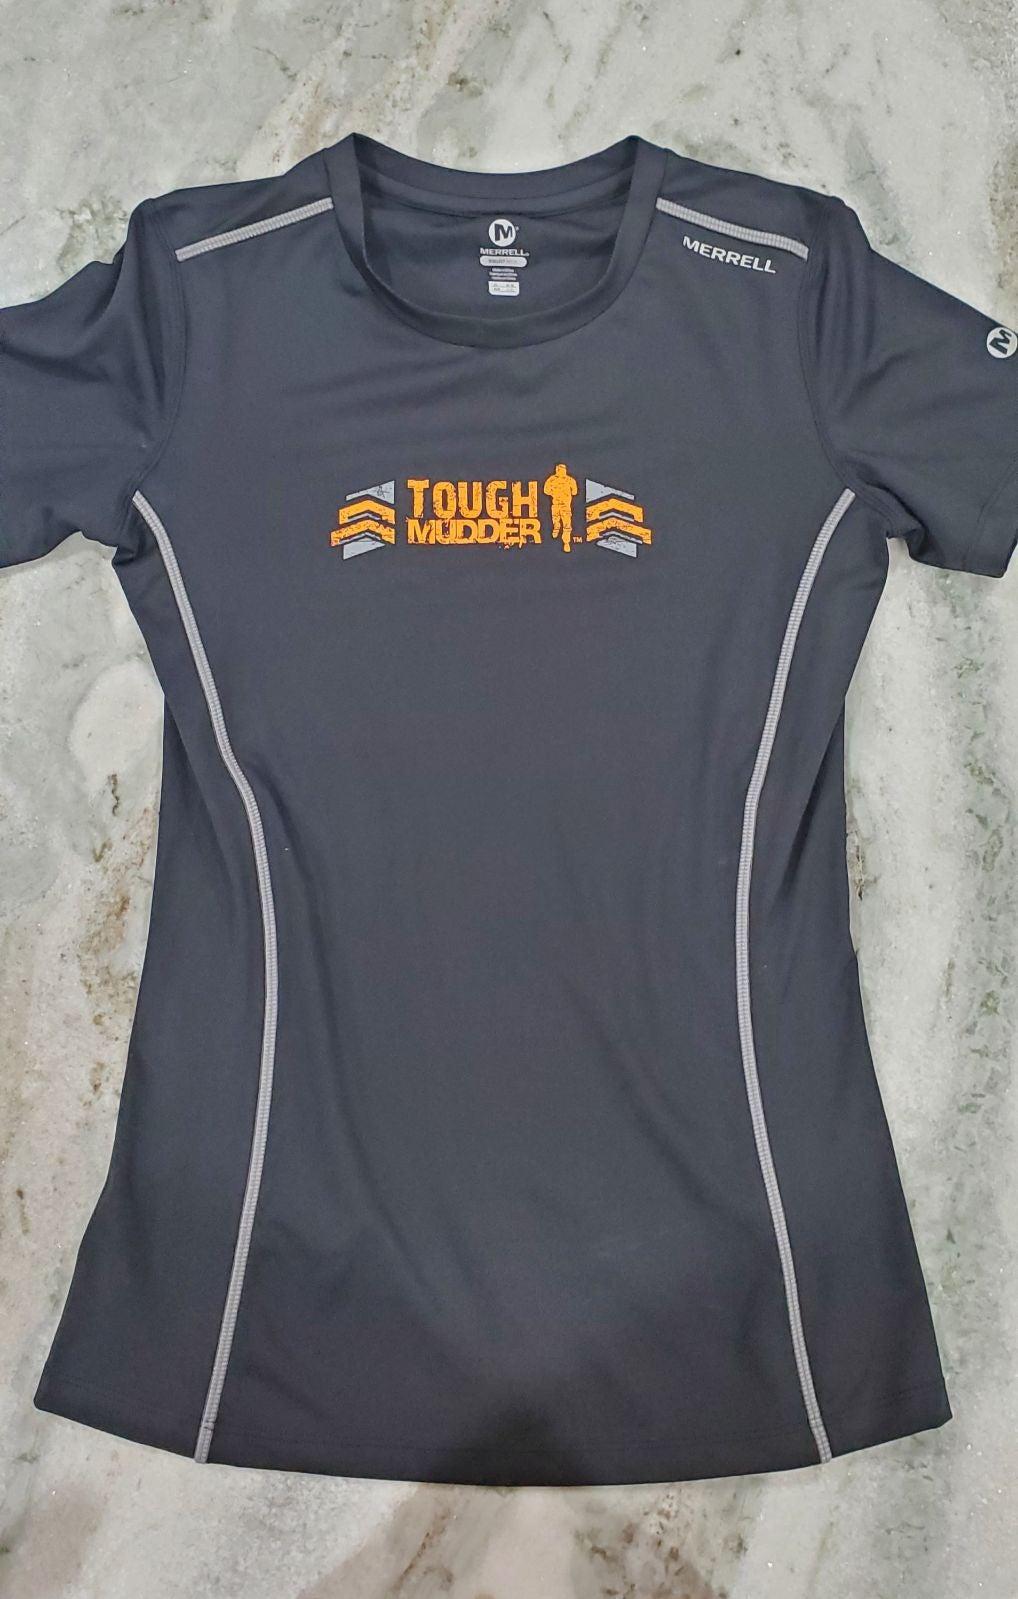 Merrell Tough Mudder Performance Shirt